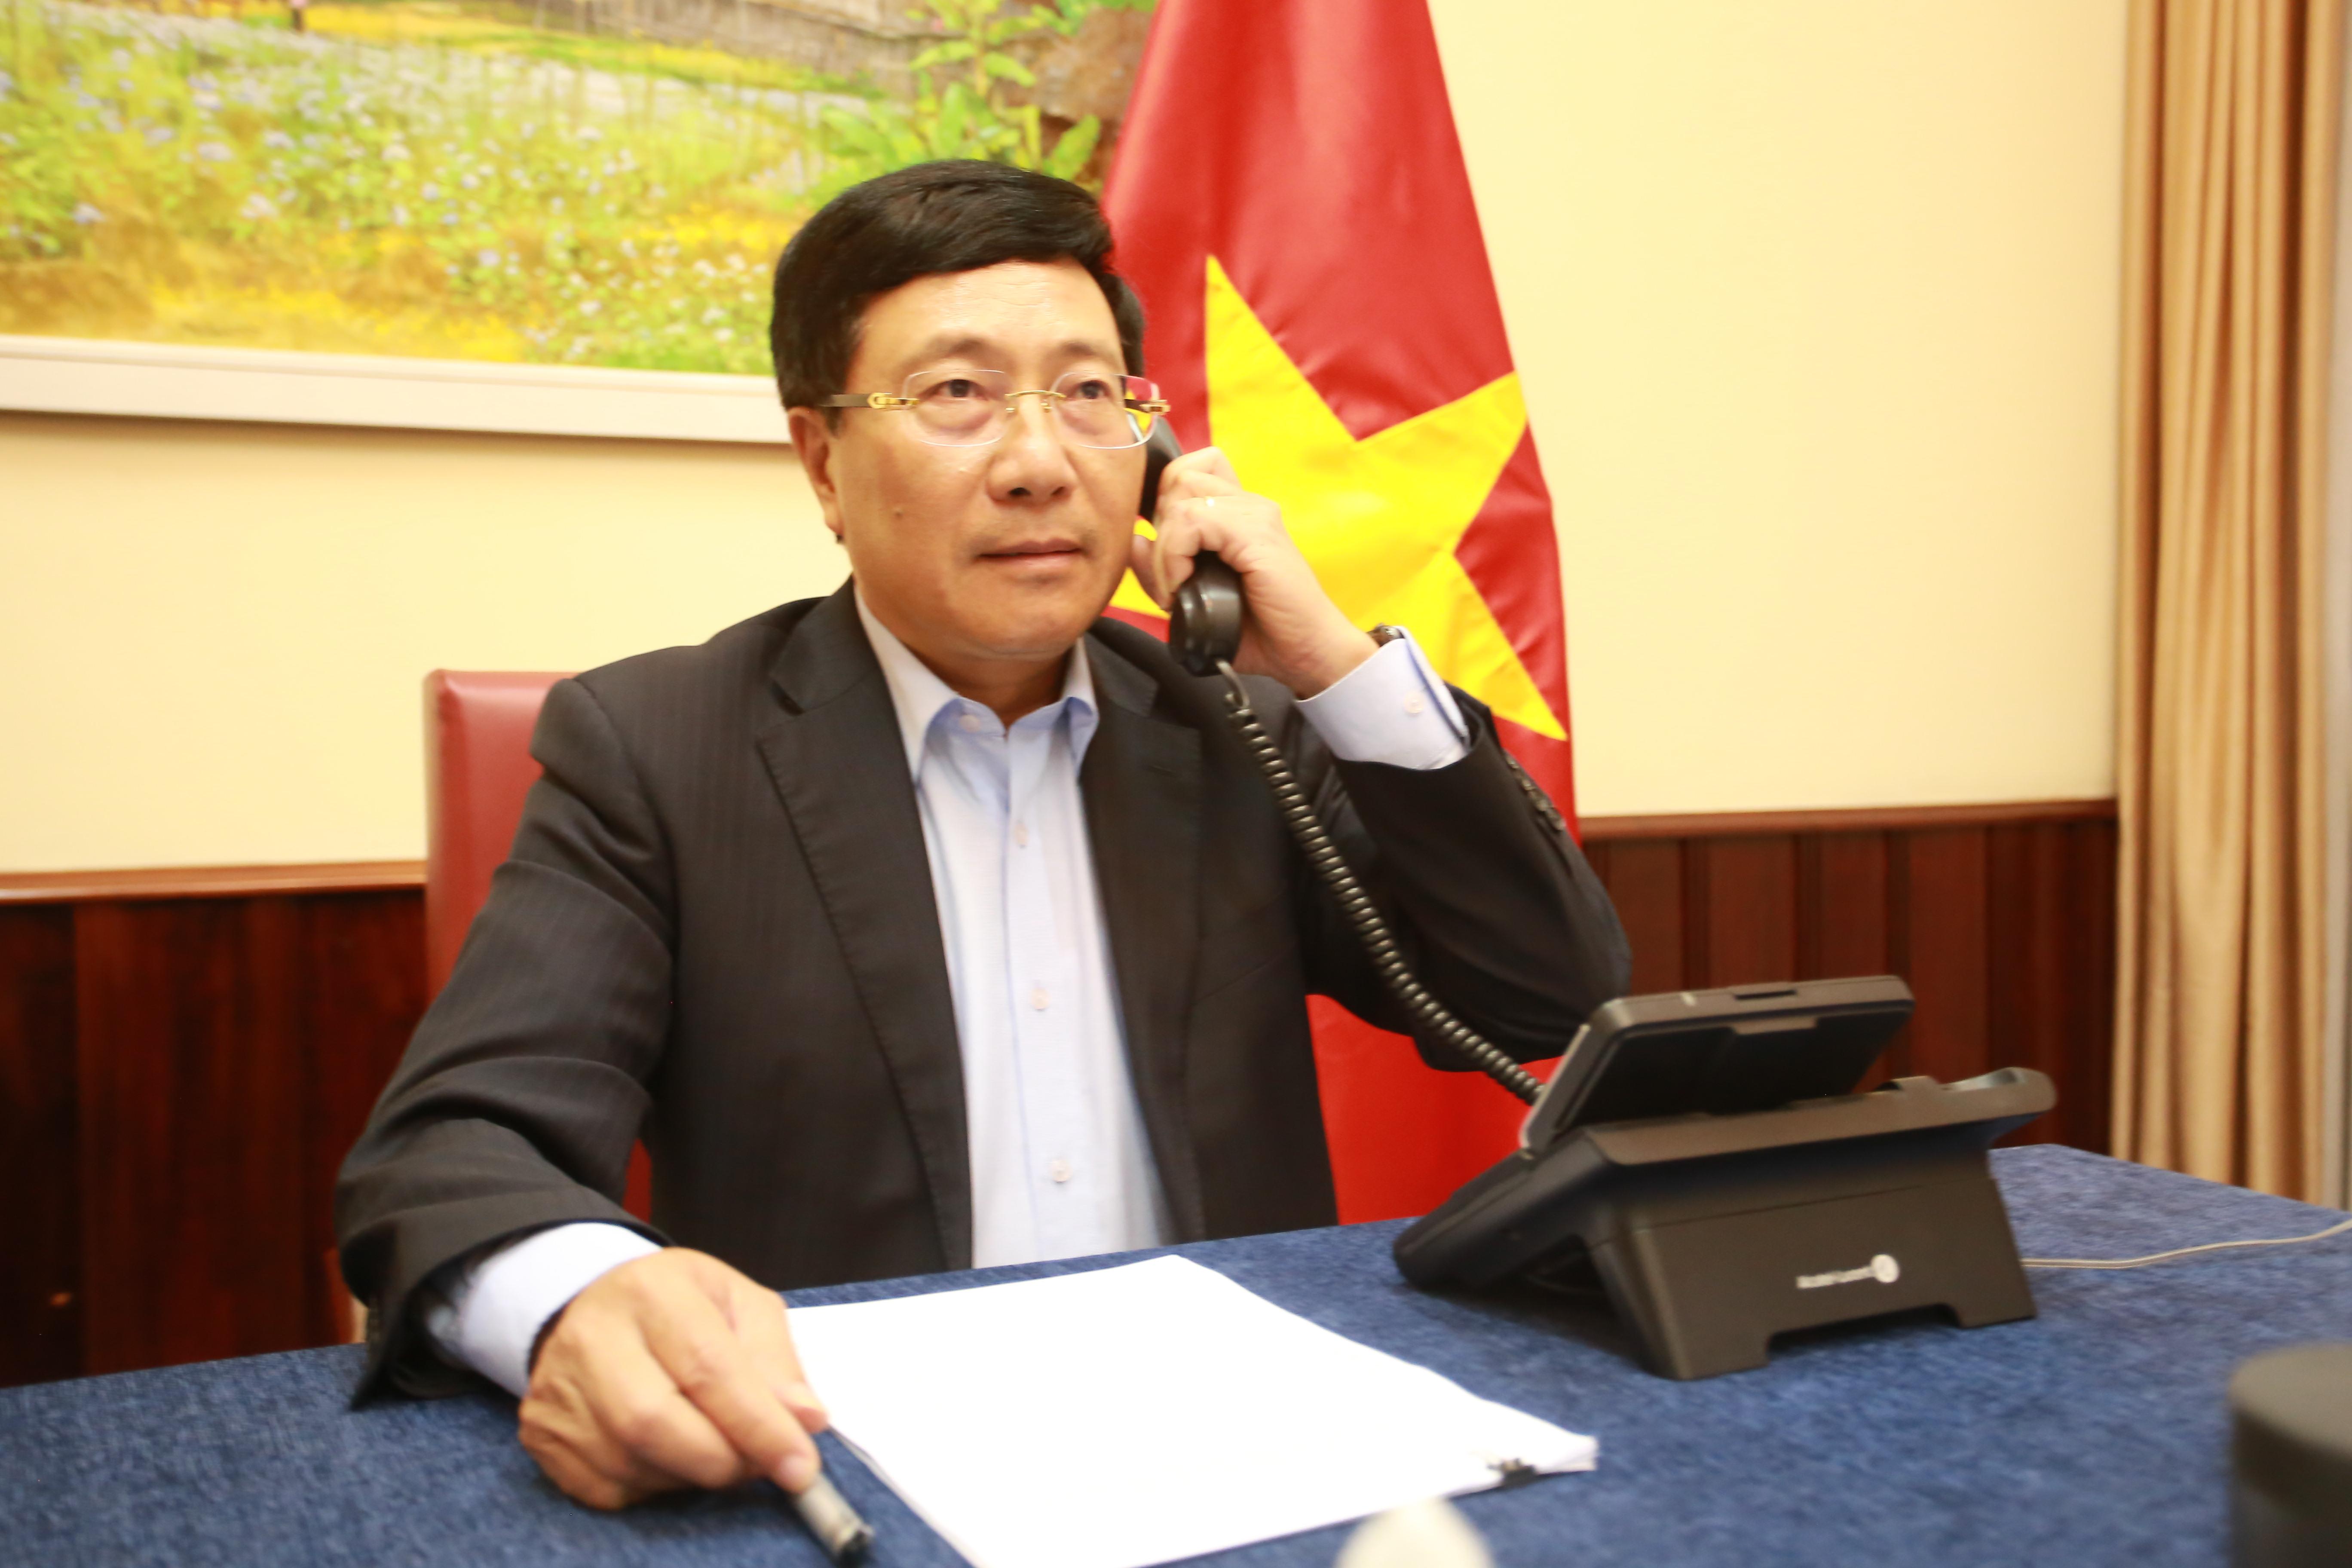 Thúc đẩy hơn nữa quan hệ song phương Việt Nam - Ả-rập Xê-út